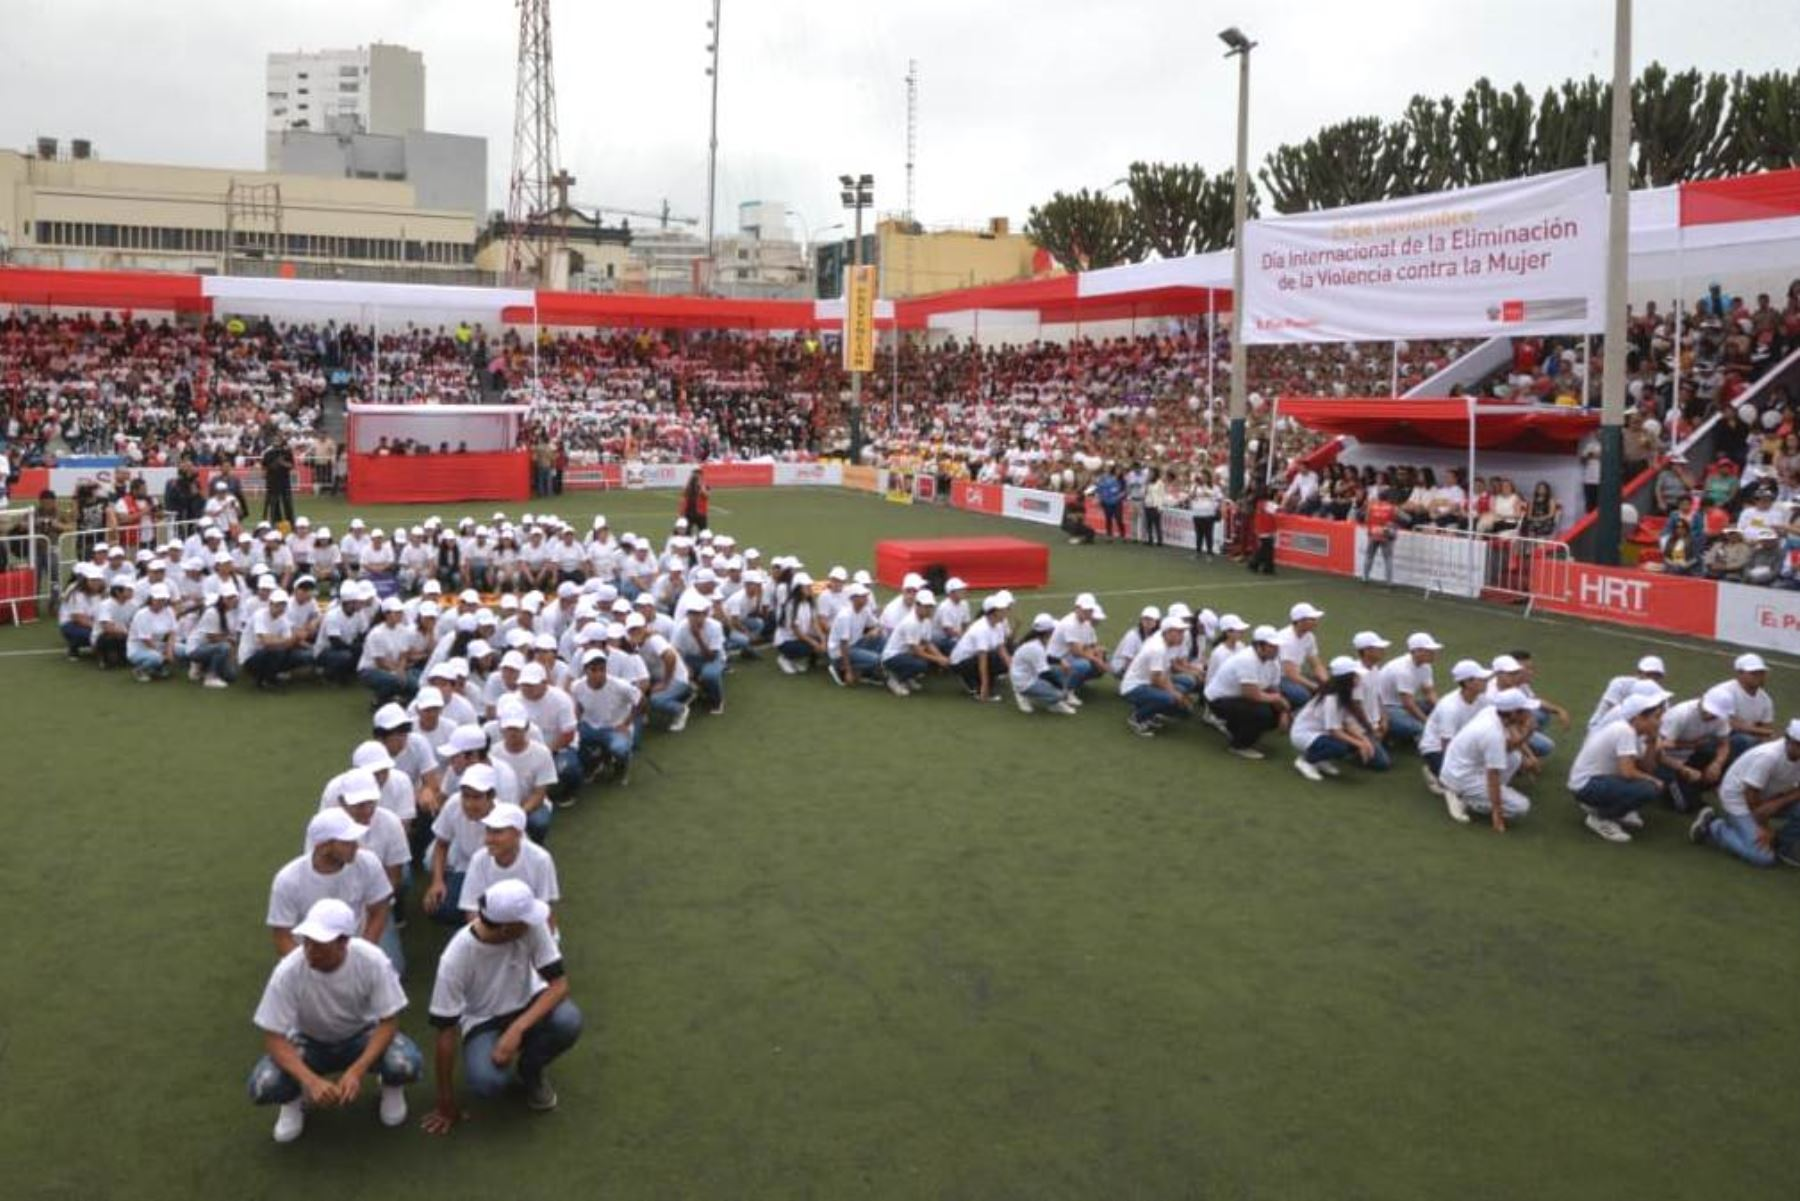 Conmemoran día internacional de la eliminación de la violencia contra la mujer. Foto: ANDINA/Difusión.